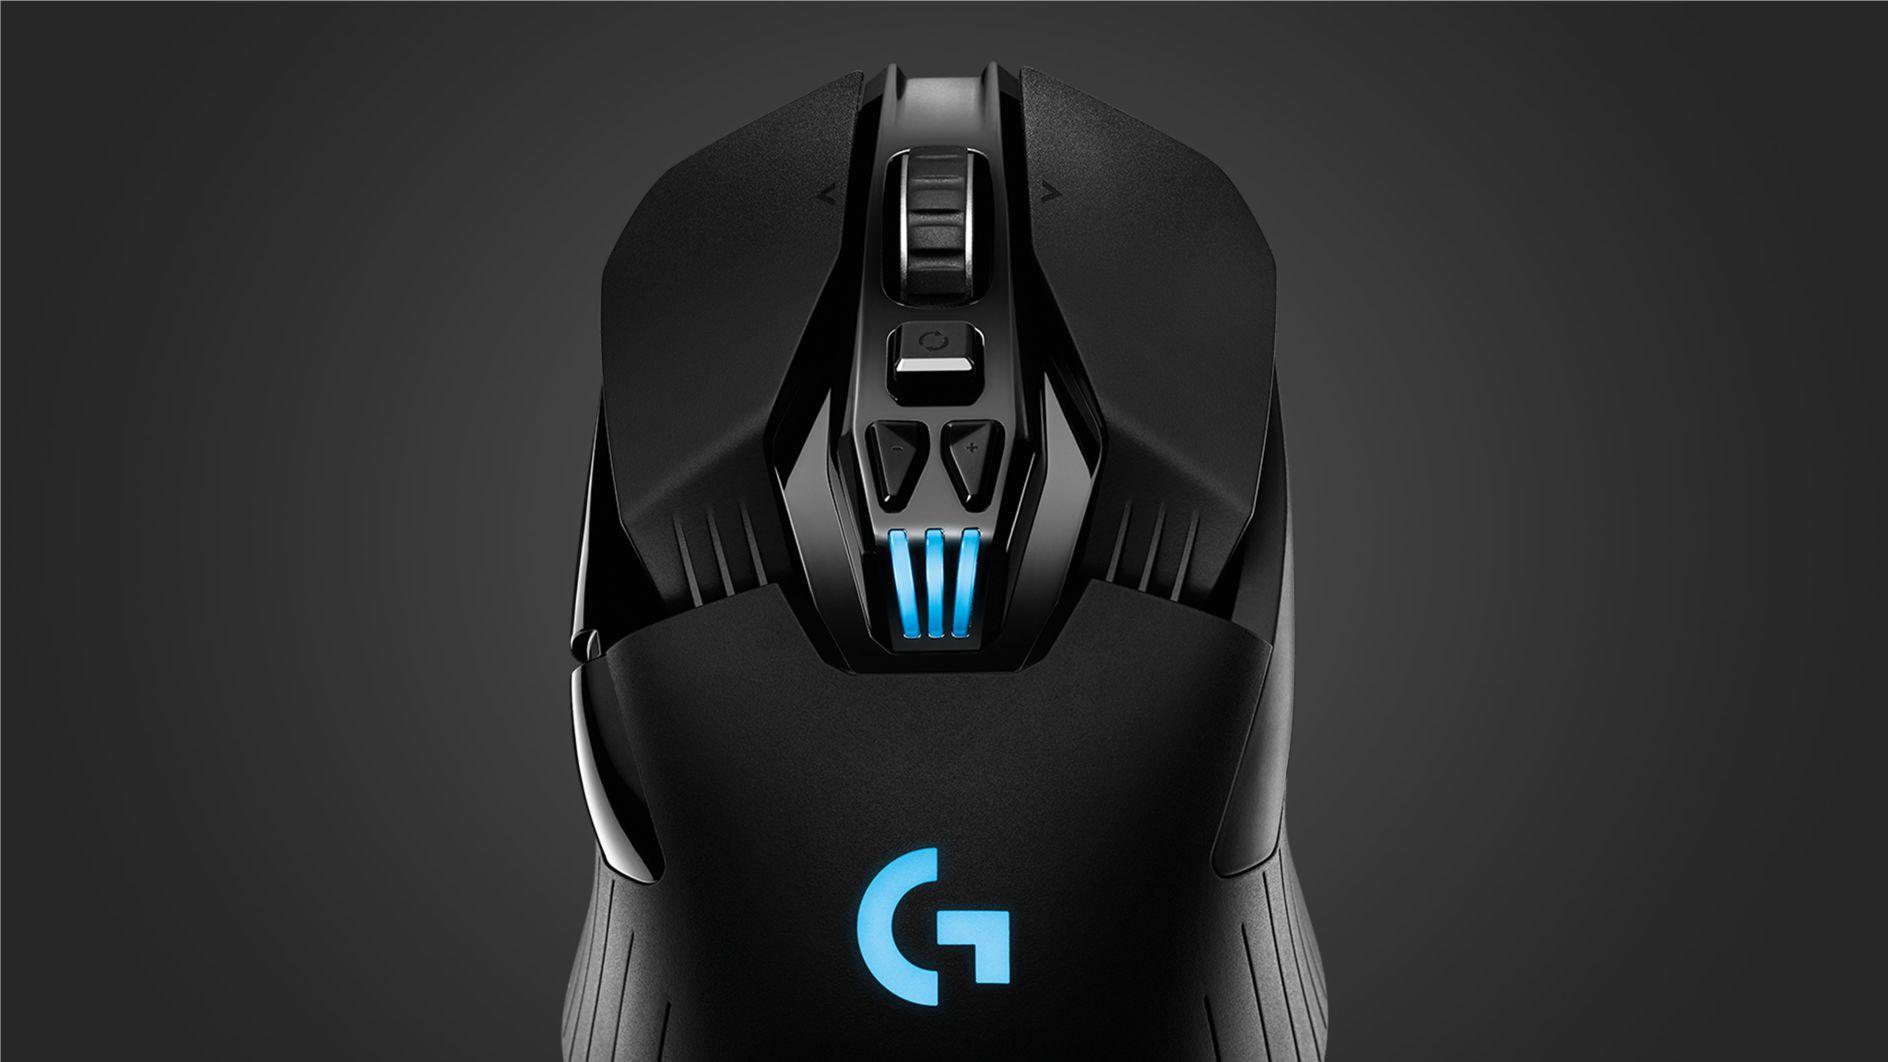 Logicool、既存ゲーミングマウスのセンサーをHERO 16Kに刷新した3製品「G903h」「G703h」「G403h」発表。6月27日(木)より販売開始